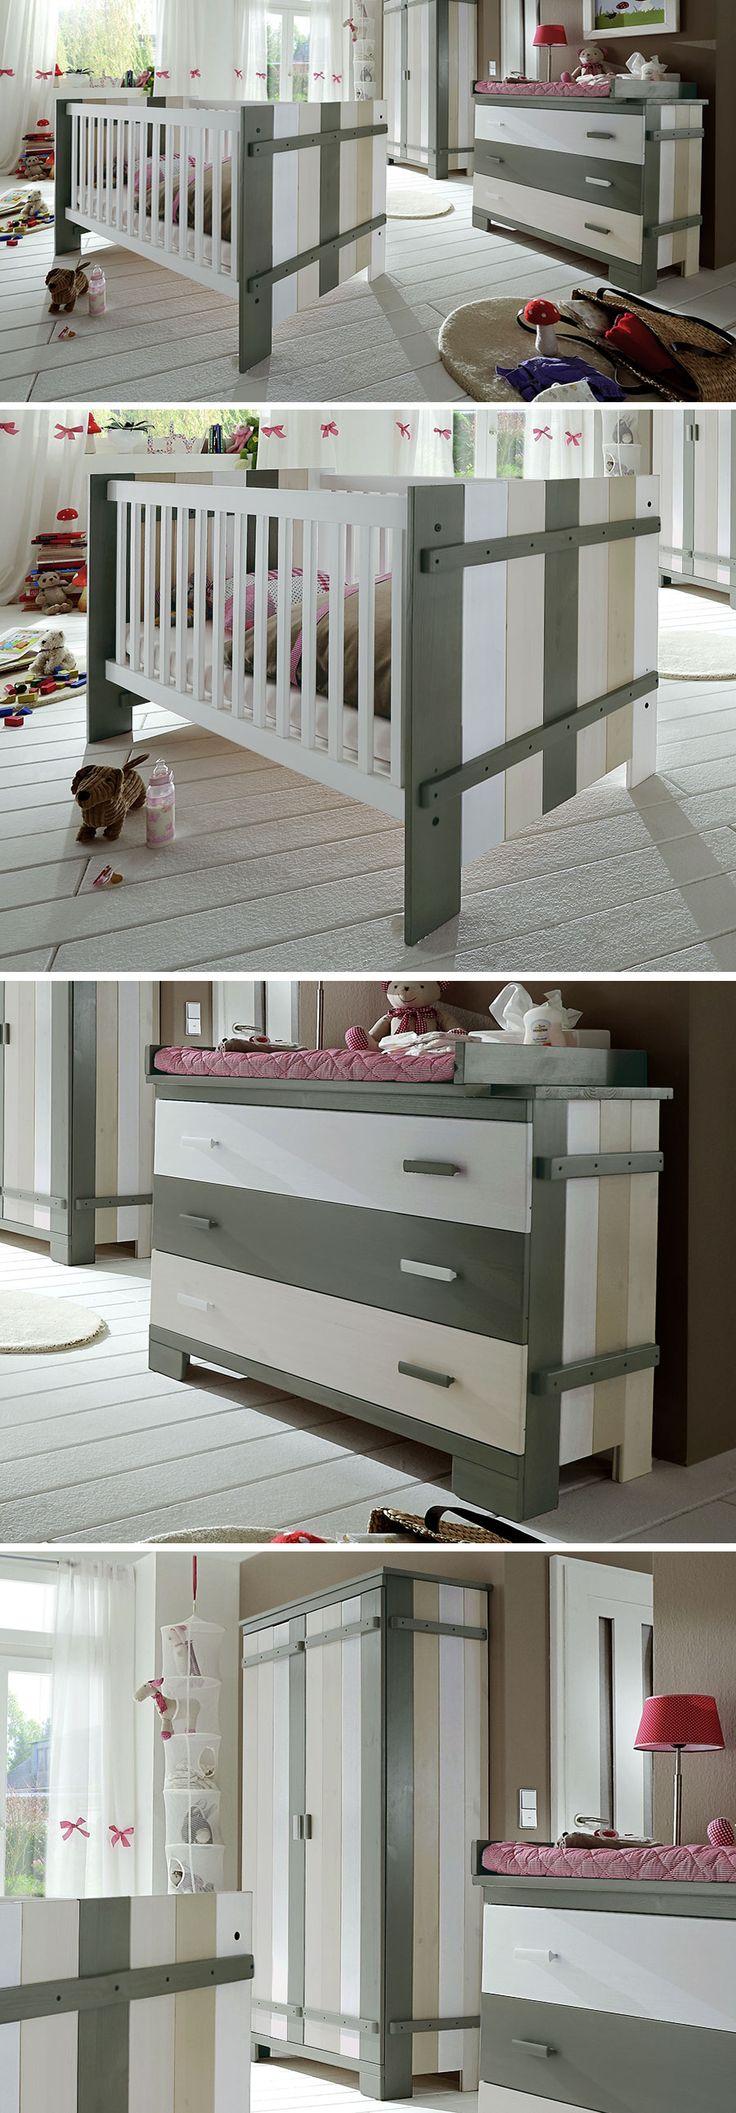 Elegant Tolles Komplett Babyzimmer egal ob f r Jungs oder M dchen Betten de